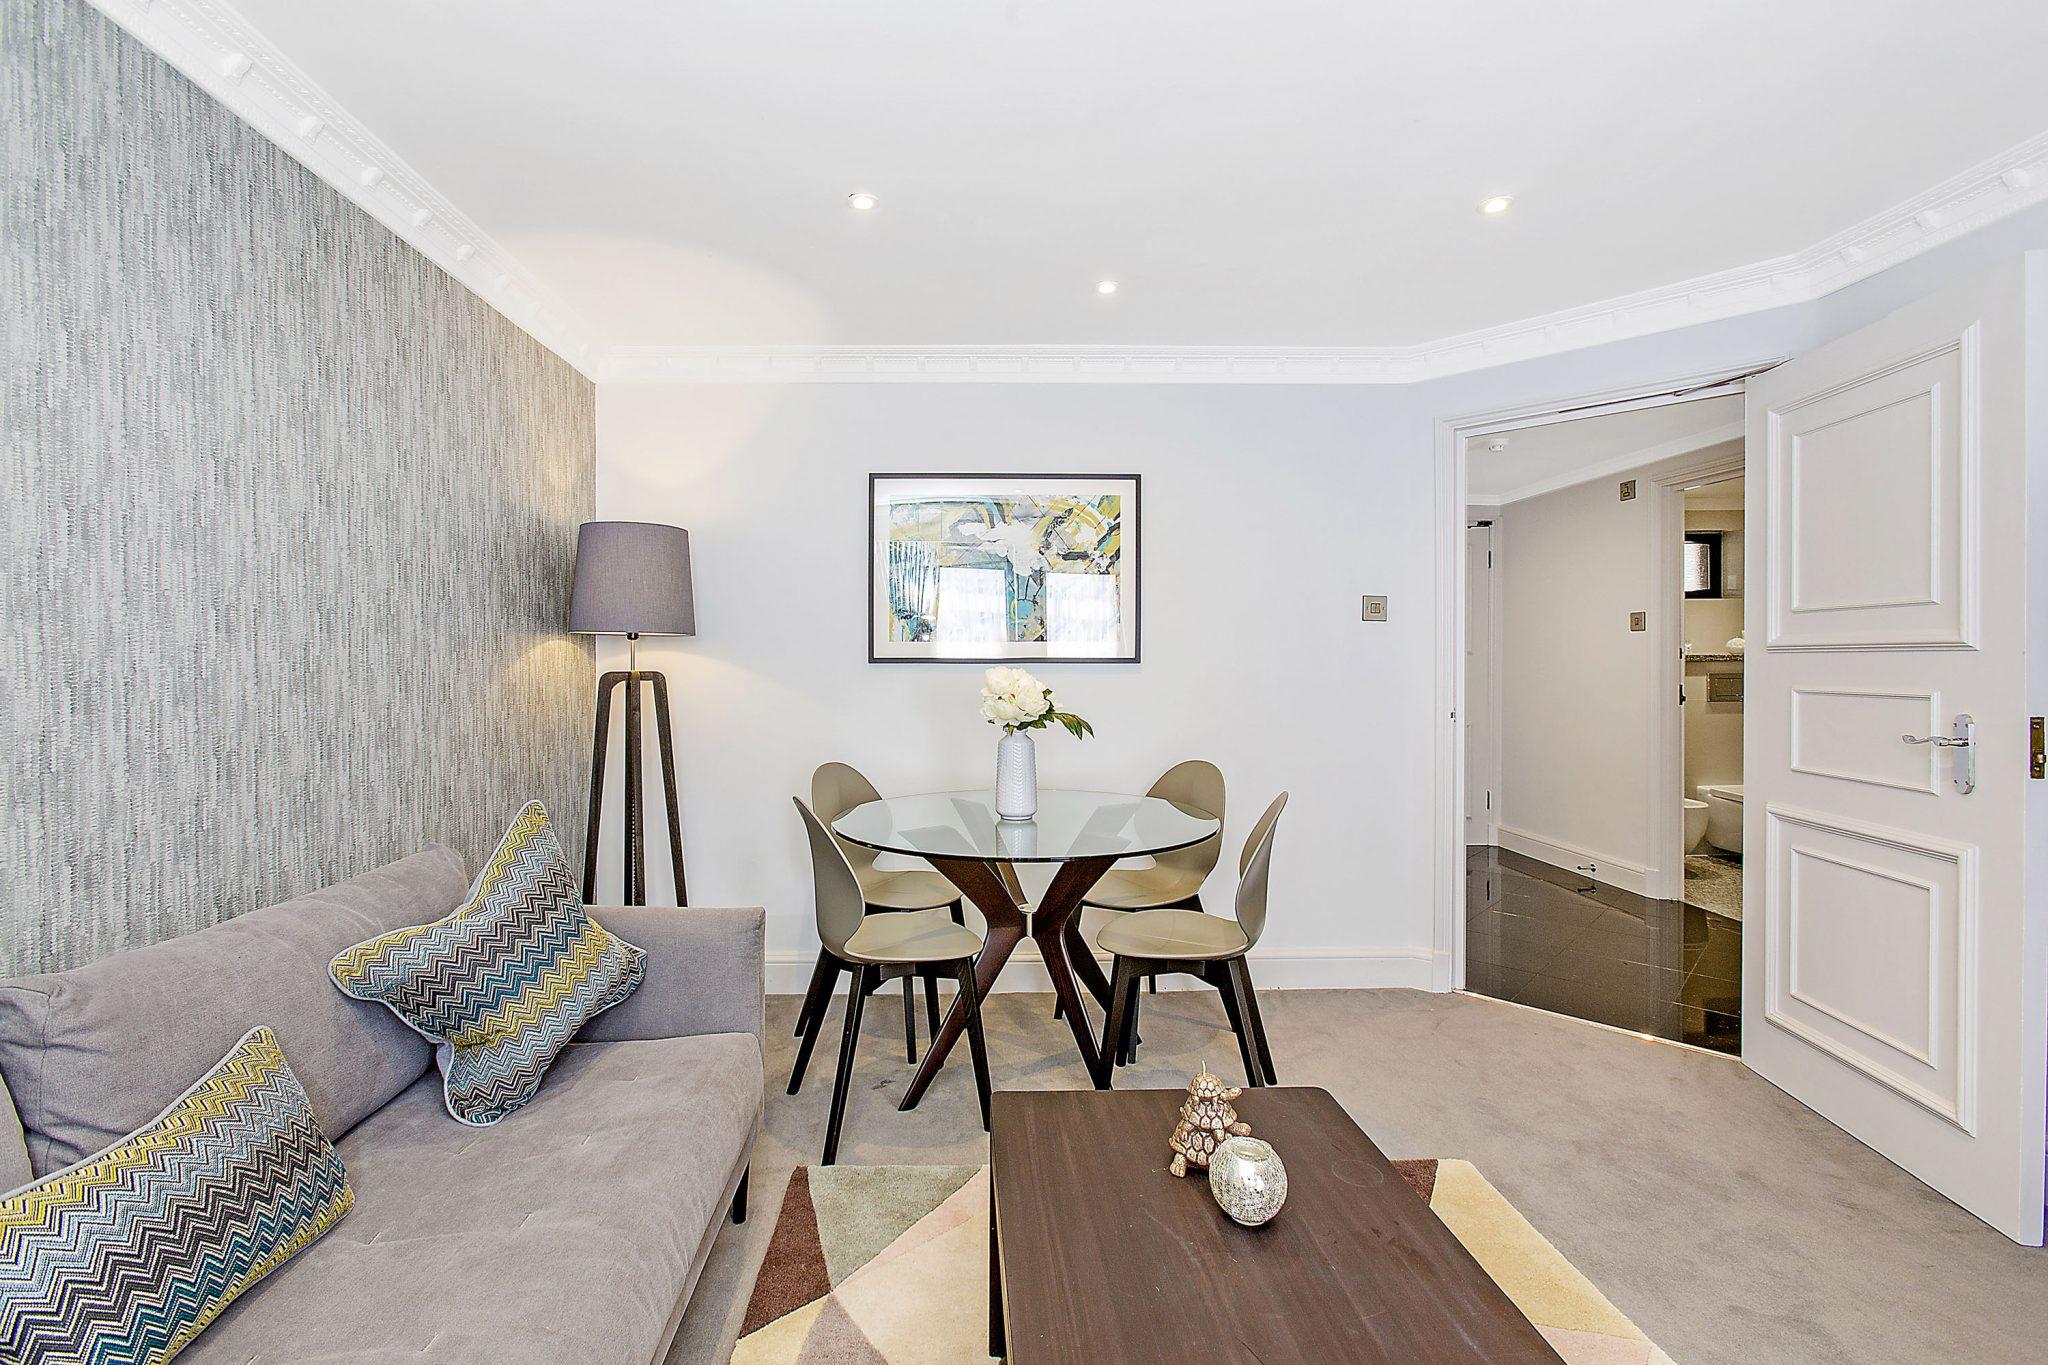 Mayfair House - Serviced Apartments in Mayfair, London